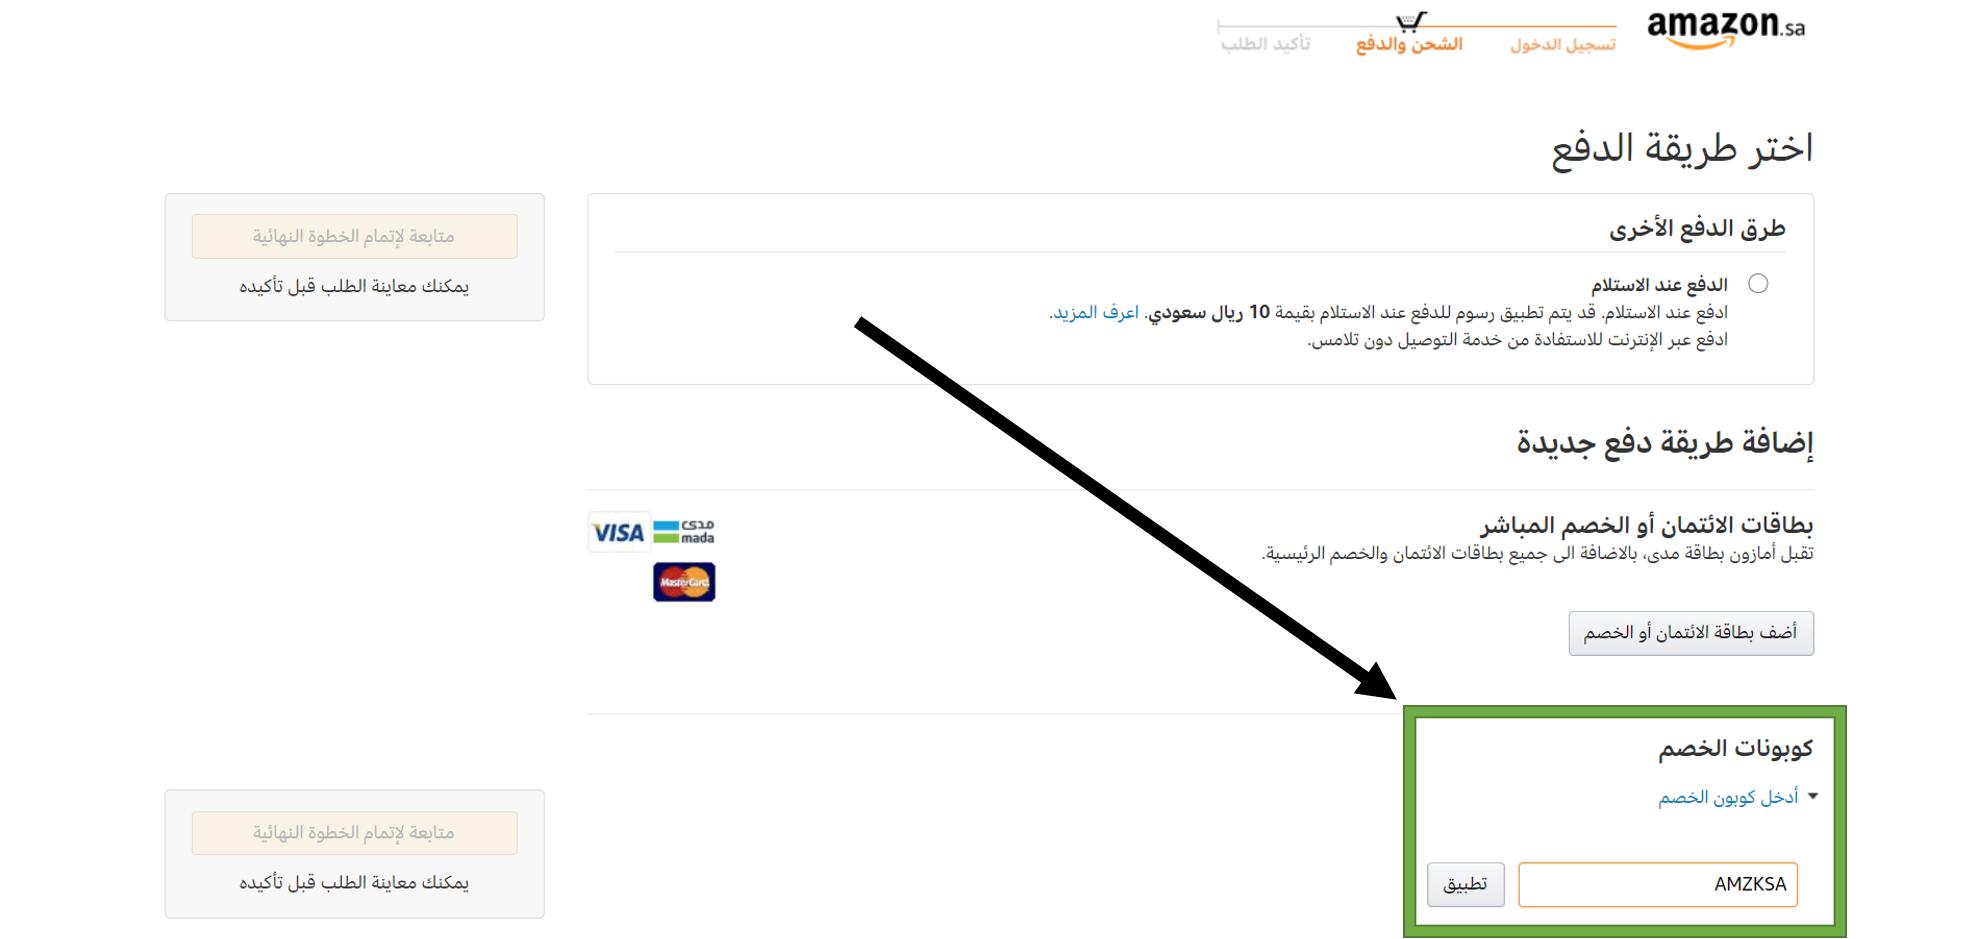 كيف أستخدم كود خصم امازون من أجل توفير المال عند التسوق أونلاين من Amazon.com؟ | كيف أستخدم كود خصم امازون أو كوبون خصم امازون أو كود خصم امازون السعودية أو كوبون خصم امازون السعودية ضمن كوبونات خصم امازون عبر الموفر من أجل توفير المال عند التسوق عبر الإنترنت جميع المنتجات من شتى الفئات من موقع امازون Amazon أو أمازون السعودية Amazon.sa أو متجر امازون الامارات Amazon.ae ؟